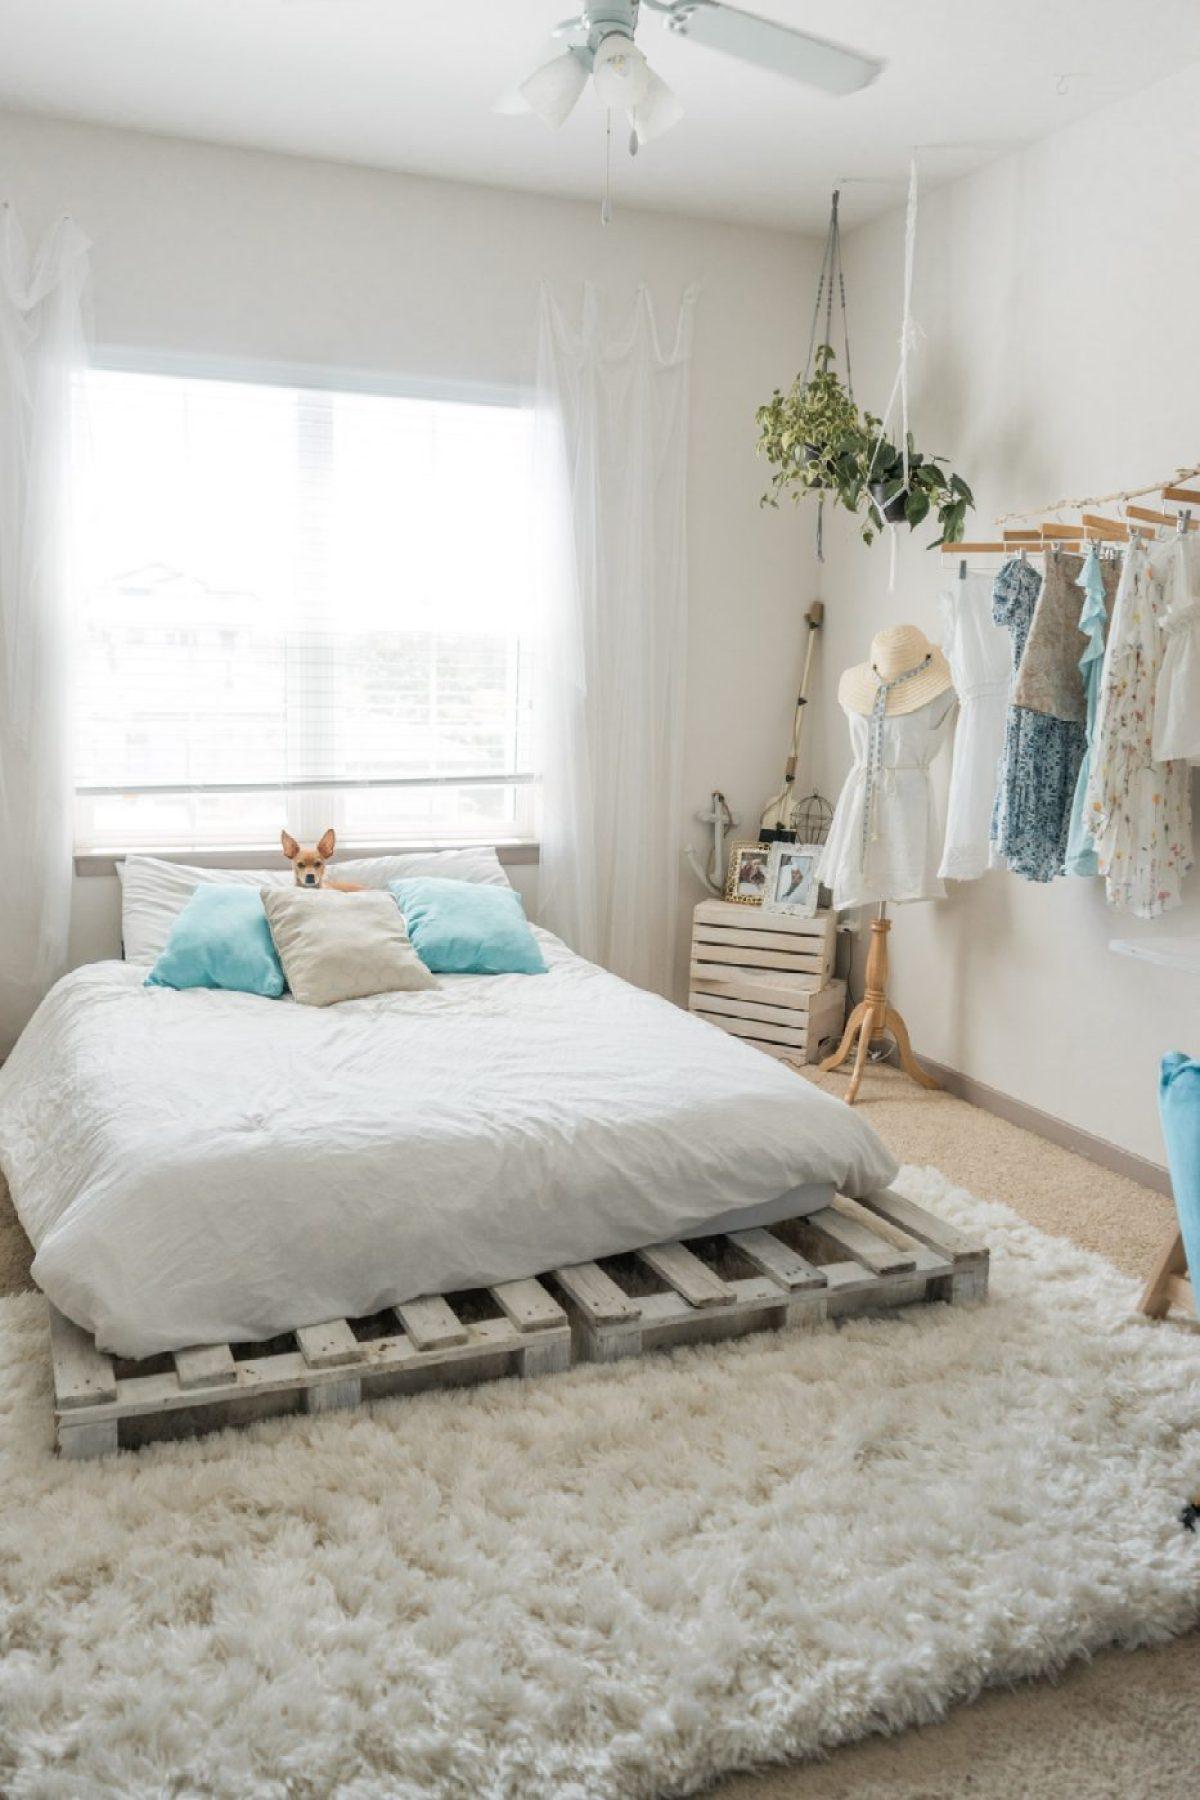 Beachy Boho Bedroom - Sweet Teal